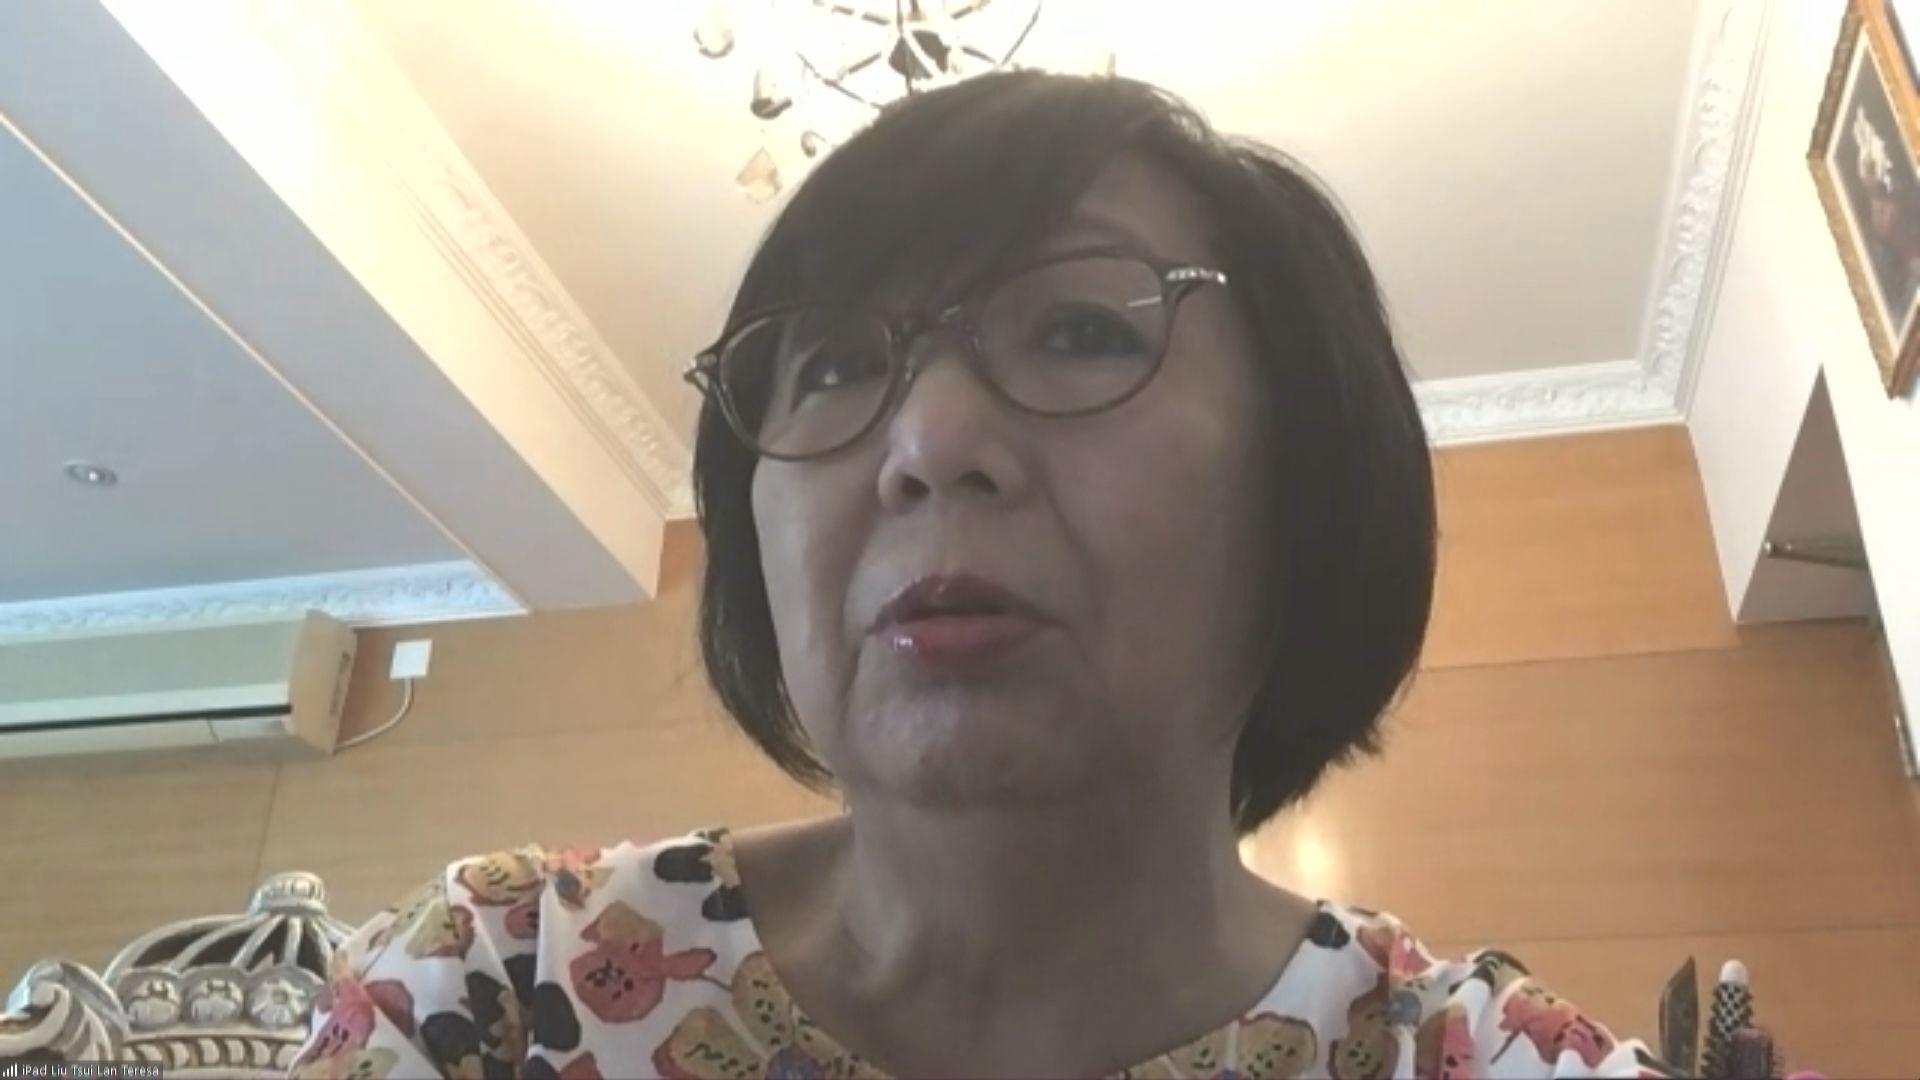 外傭中介組織指竹篙灣房價較便宜會受僱主歡迎